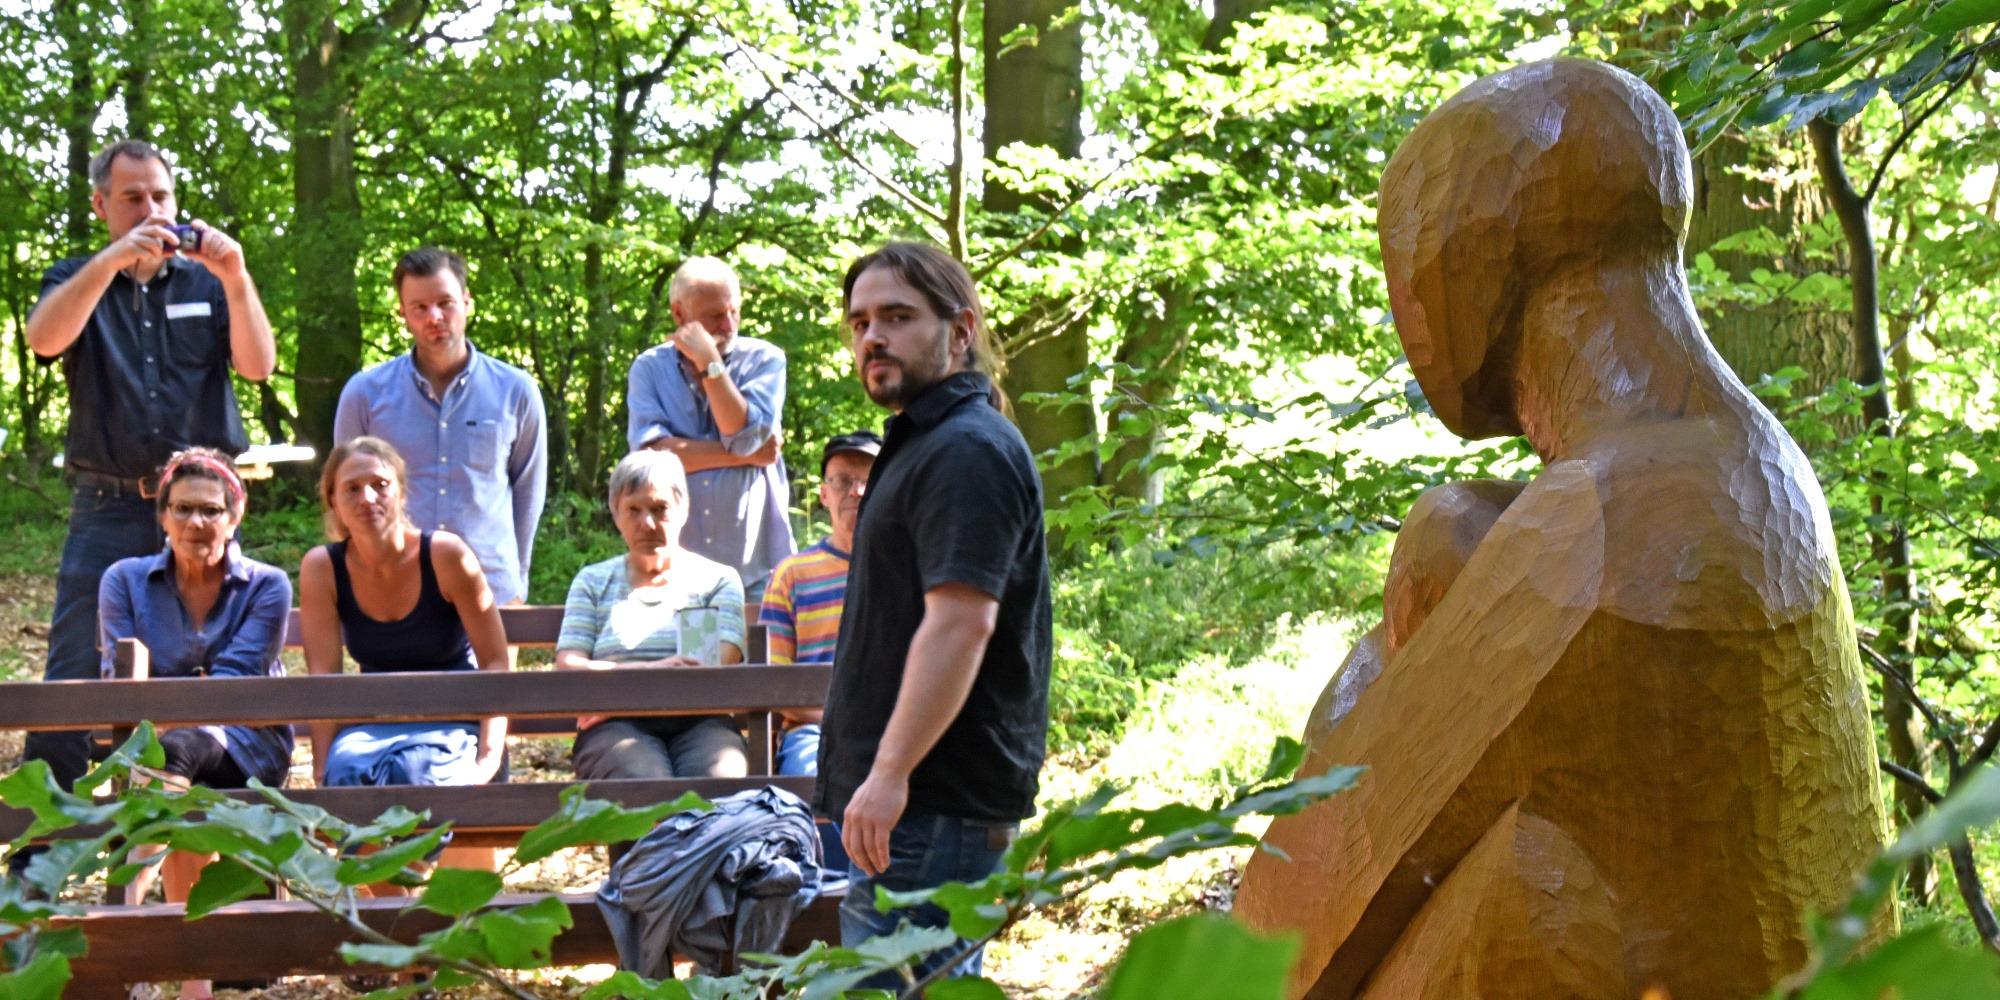 Holzbildhauer Oliver Nischwitz vor seiner Skulptur im Bestattungswald 12 Apostel (Foto: Klaus Holdefehr)